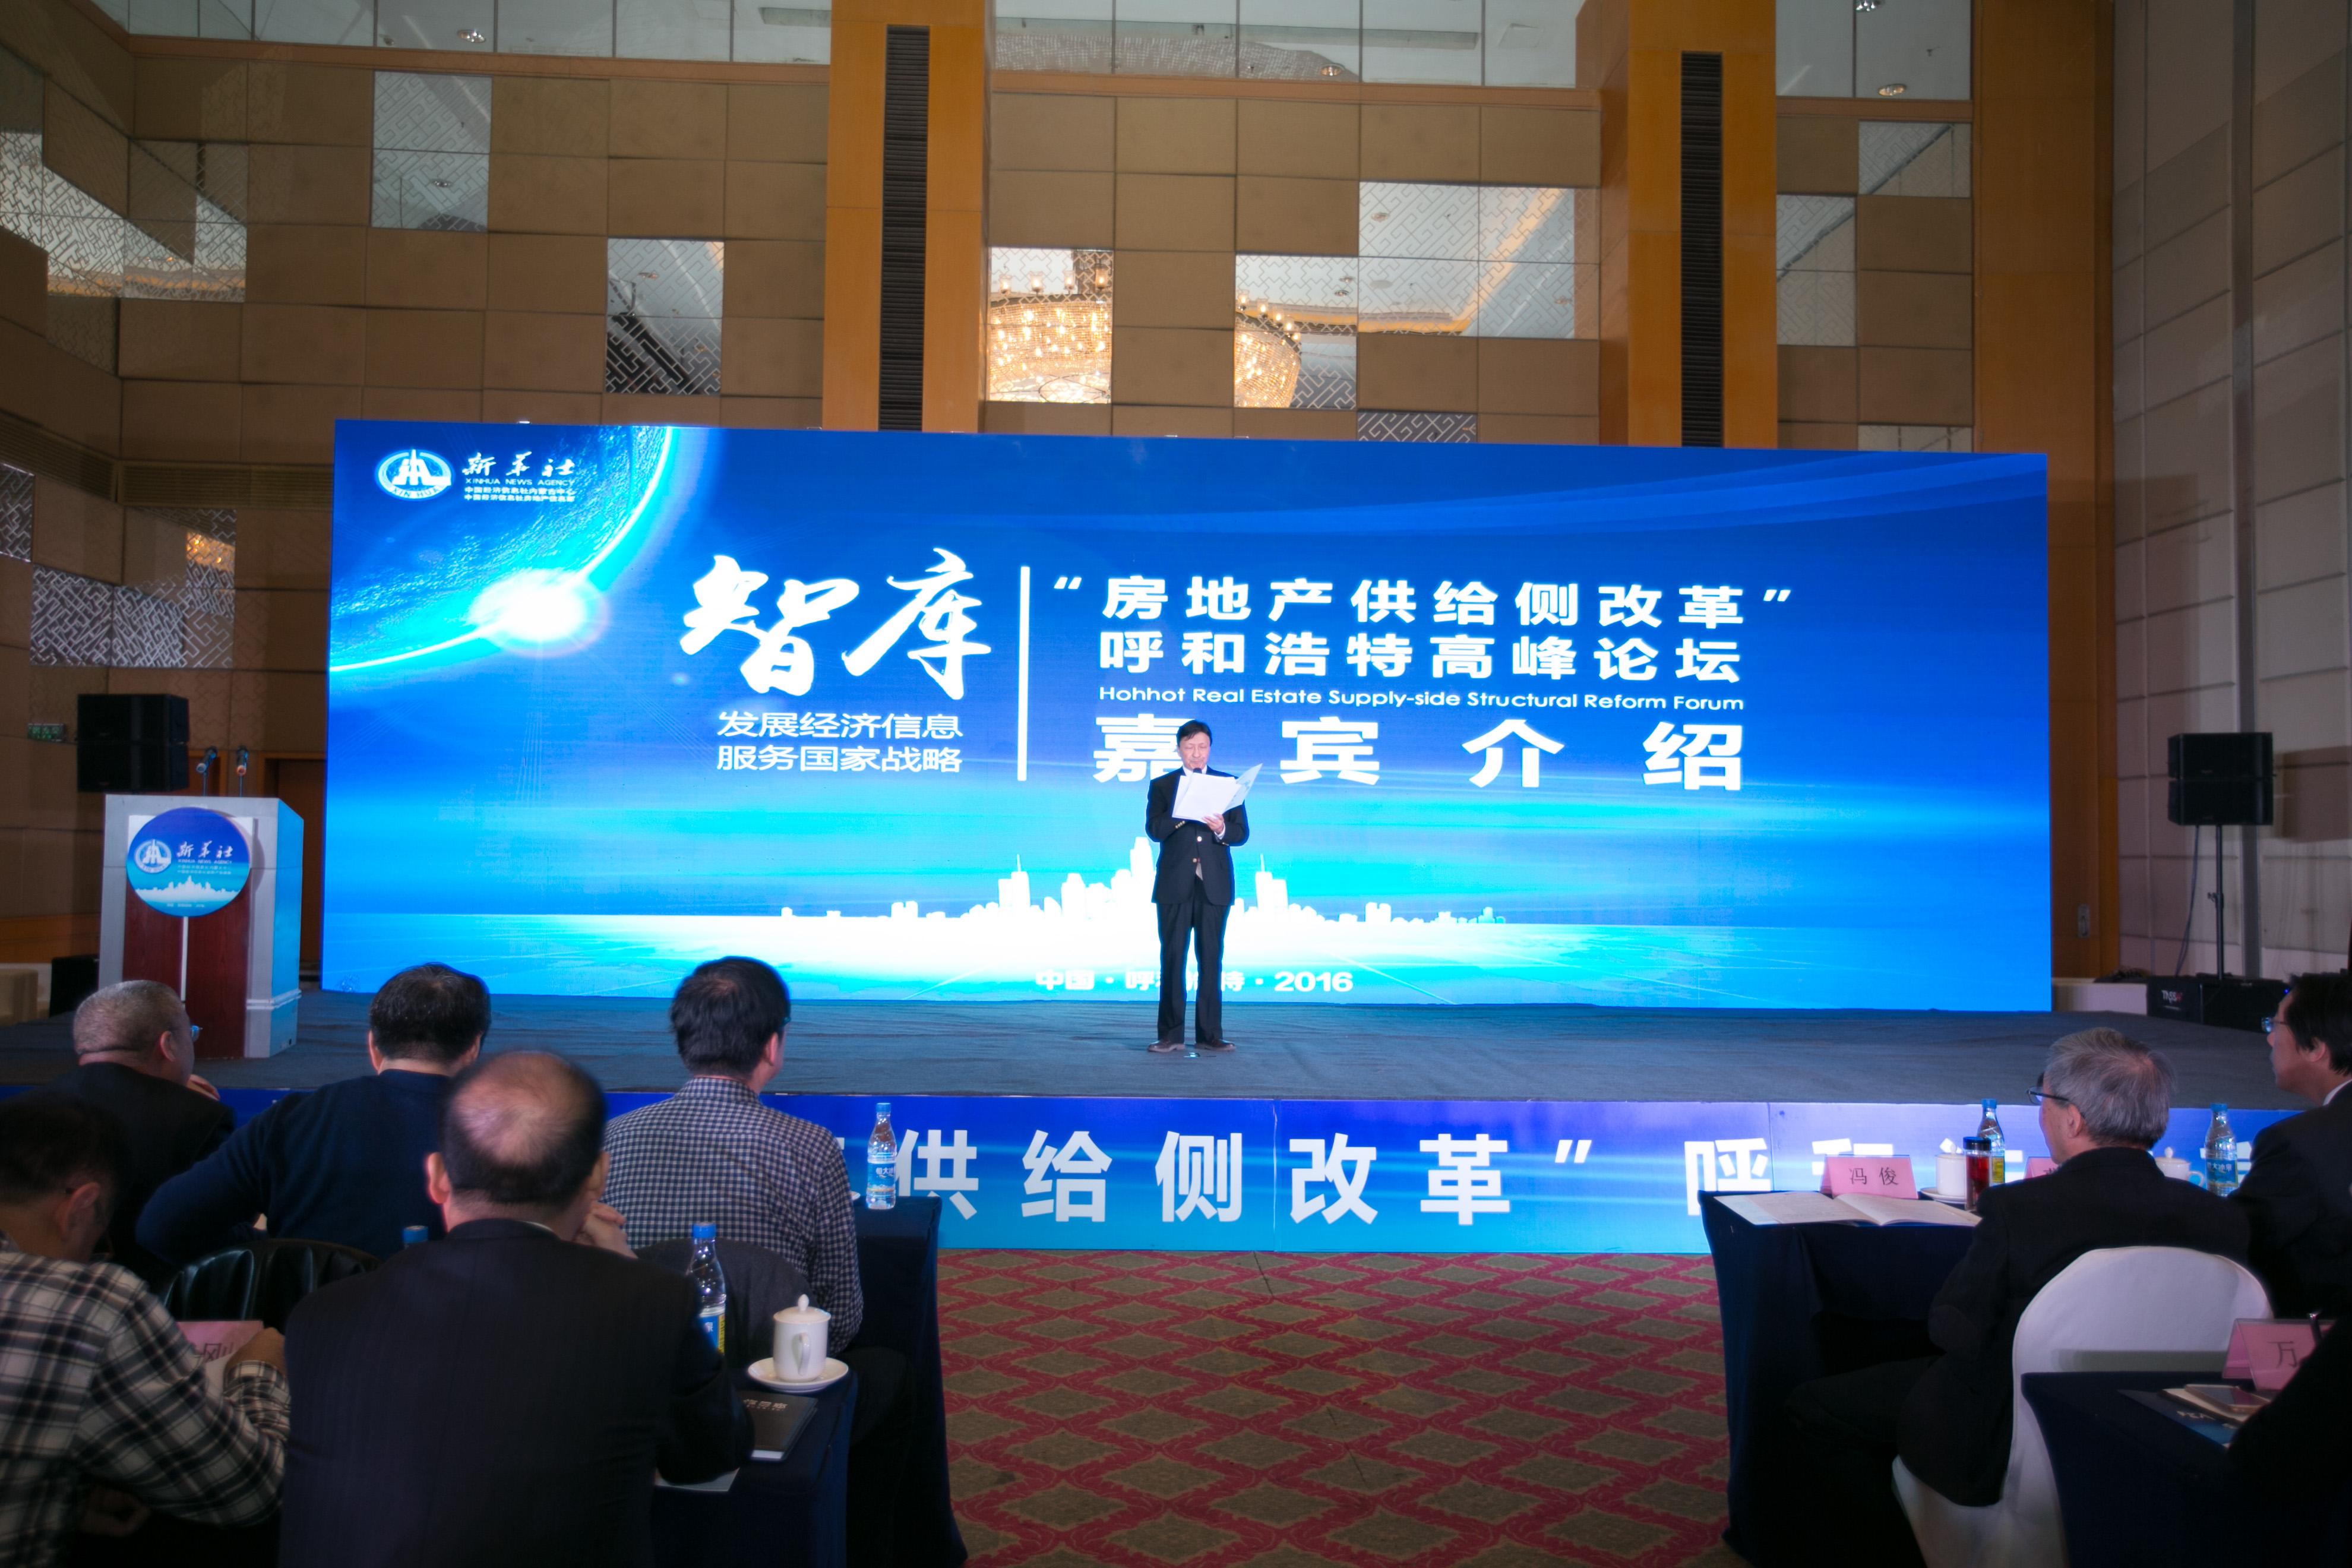 中国经济信息社内蒙古中心总经理张润光主持论坛